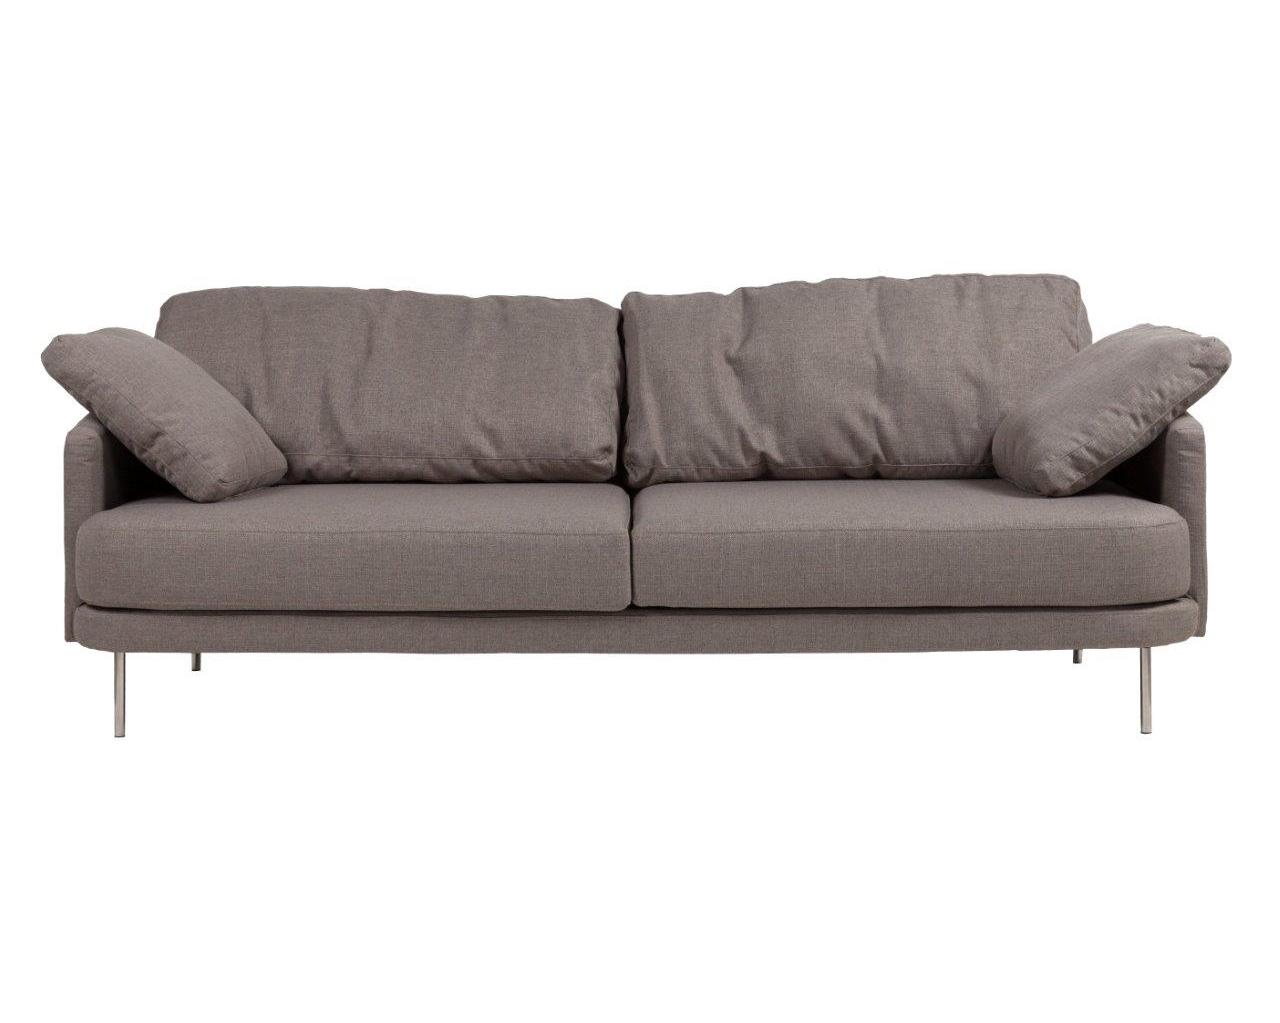 Диван Camber SofaТрехместные диваны<br>Диван Camber Sofa придется по вкусу тем, кто любит принимать гостей. Элегантная модель выполнена в минималистичном стиле, идеальна для лаконичного и в меру строгого интерьера. Прямоугольные формы деревянного каркаса и тонкие ножки из нержавеющей стали создают современный образ. Текстильная обивка из шерсти серо-коричневого цвета добавит в пространство тепла и уюта. Такой диван прекрасно впишется как в сдержанный «скандинавский» интерьер, так и уравновесит любые яркие и смелые решения.<br><br>Material: Текстиль<br>Width см: 236<br>Depth см: 93<br>Height см: 81